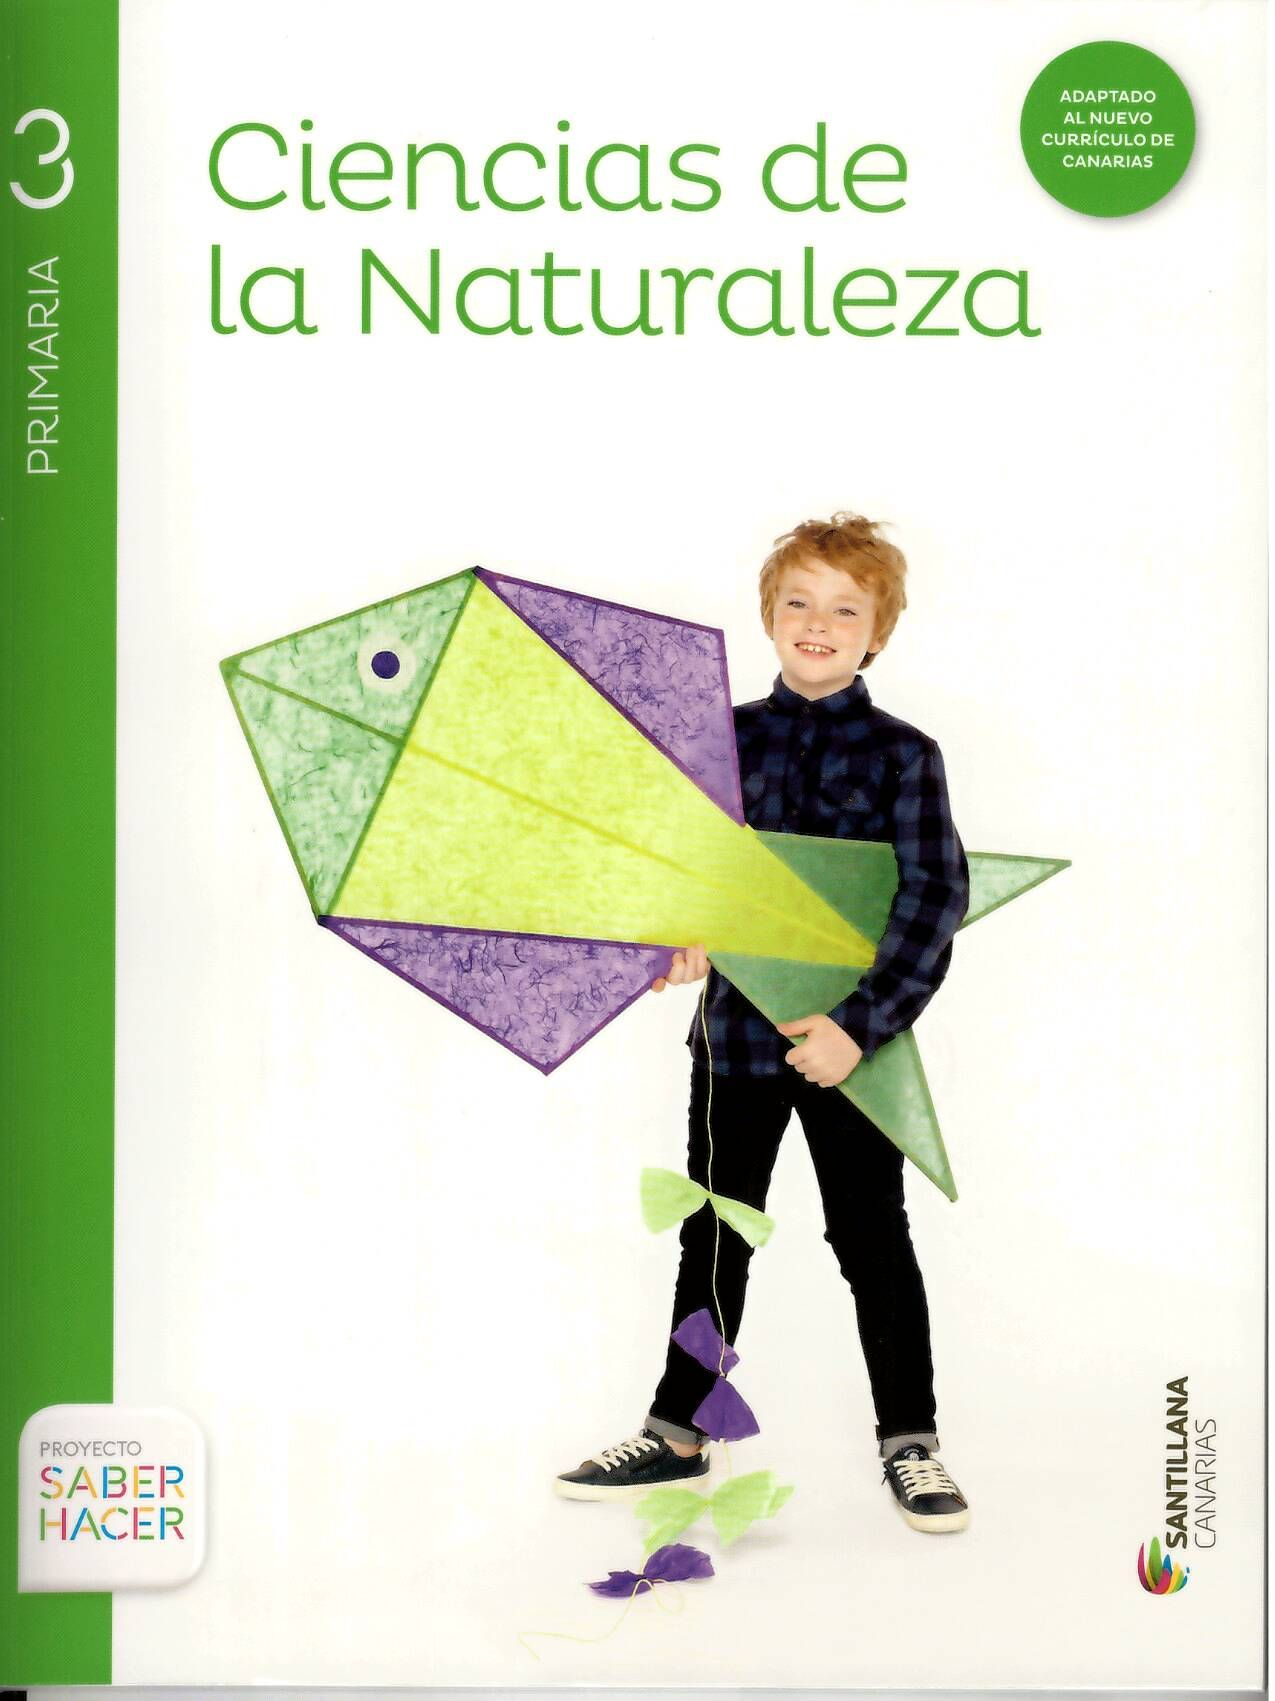 Ciencias De La Naturaleza 3 Primaria Proyecto Saber Hacer En Su Elaboración Ha Participado El S Libro De Sociales Libros En Línea Ciencias De La Naturaleza